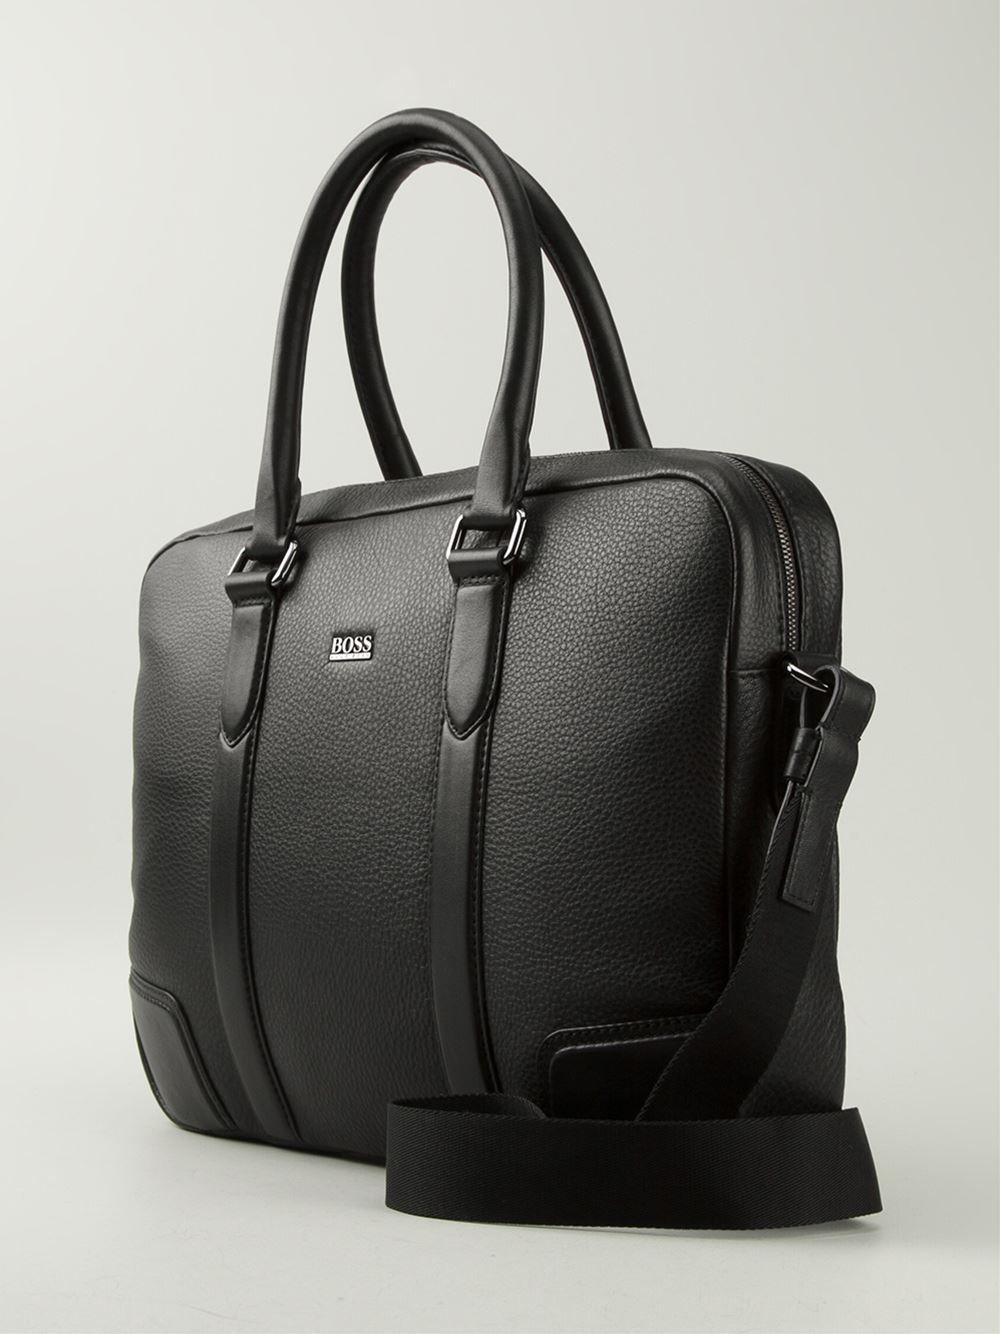 94be39a633 Boss Hugo Boss Laptop Shoulder Bag - United Legend Mulhouse - Farfetch.com